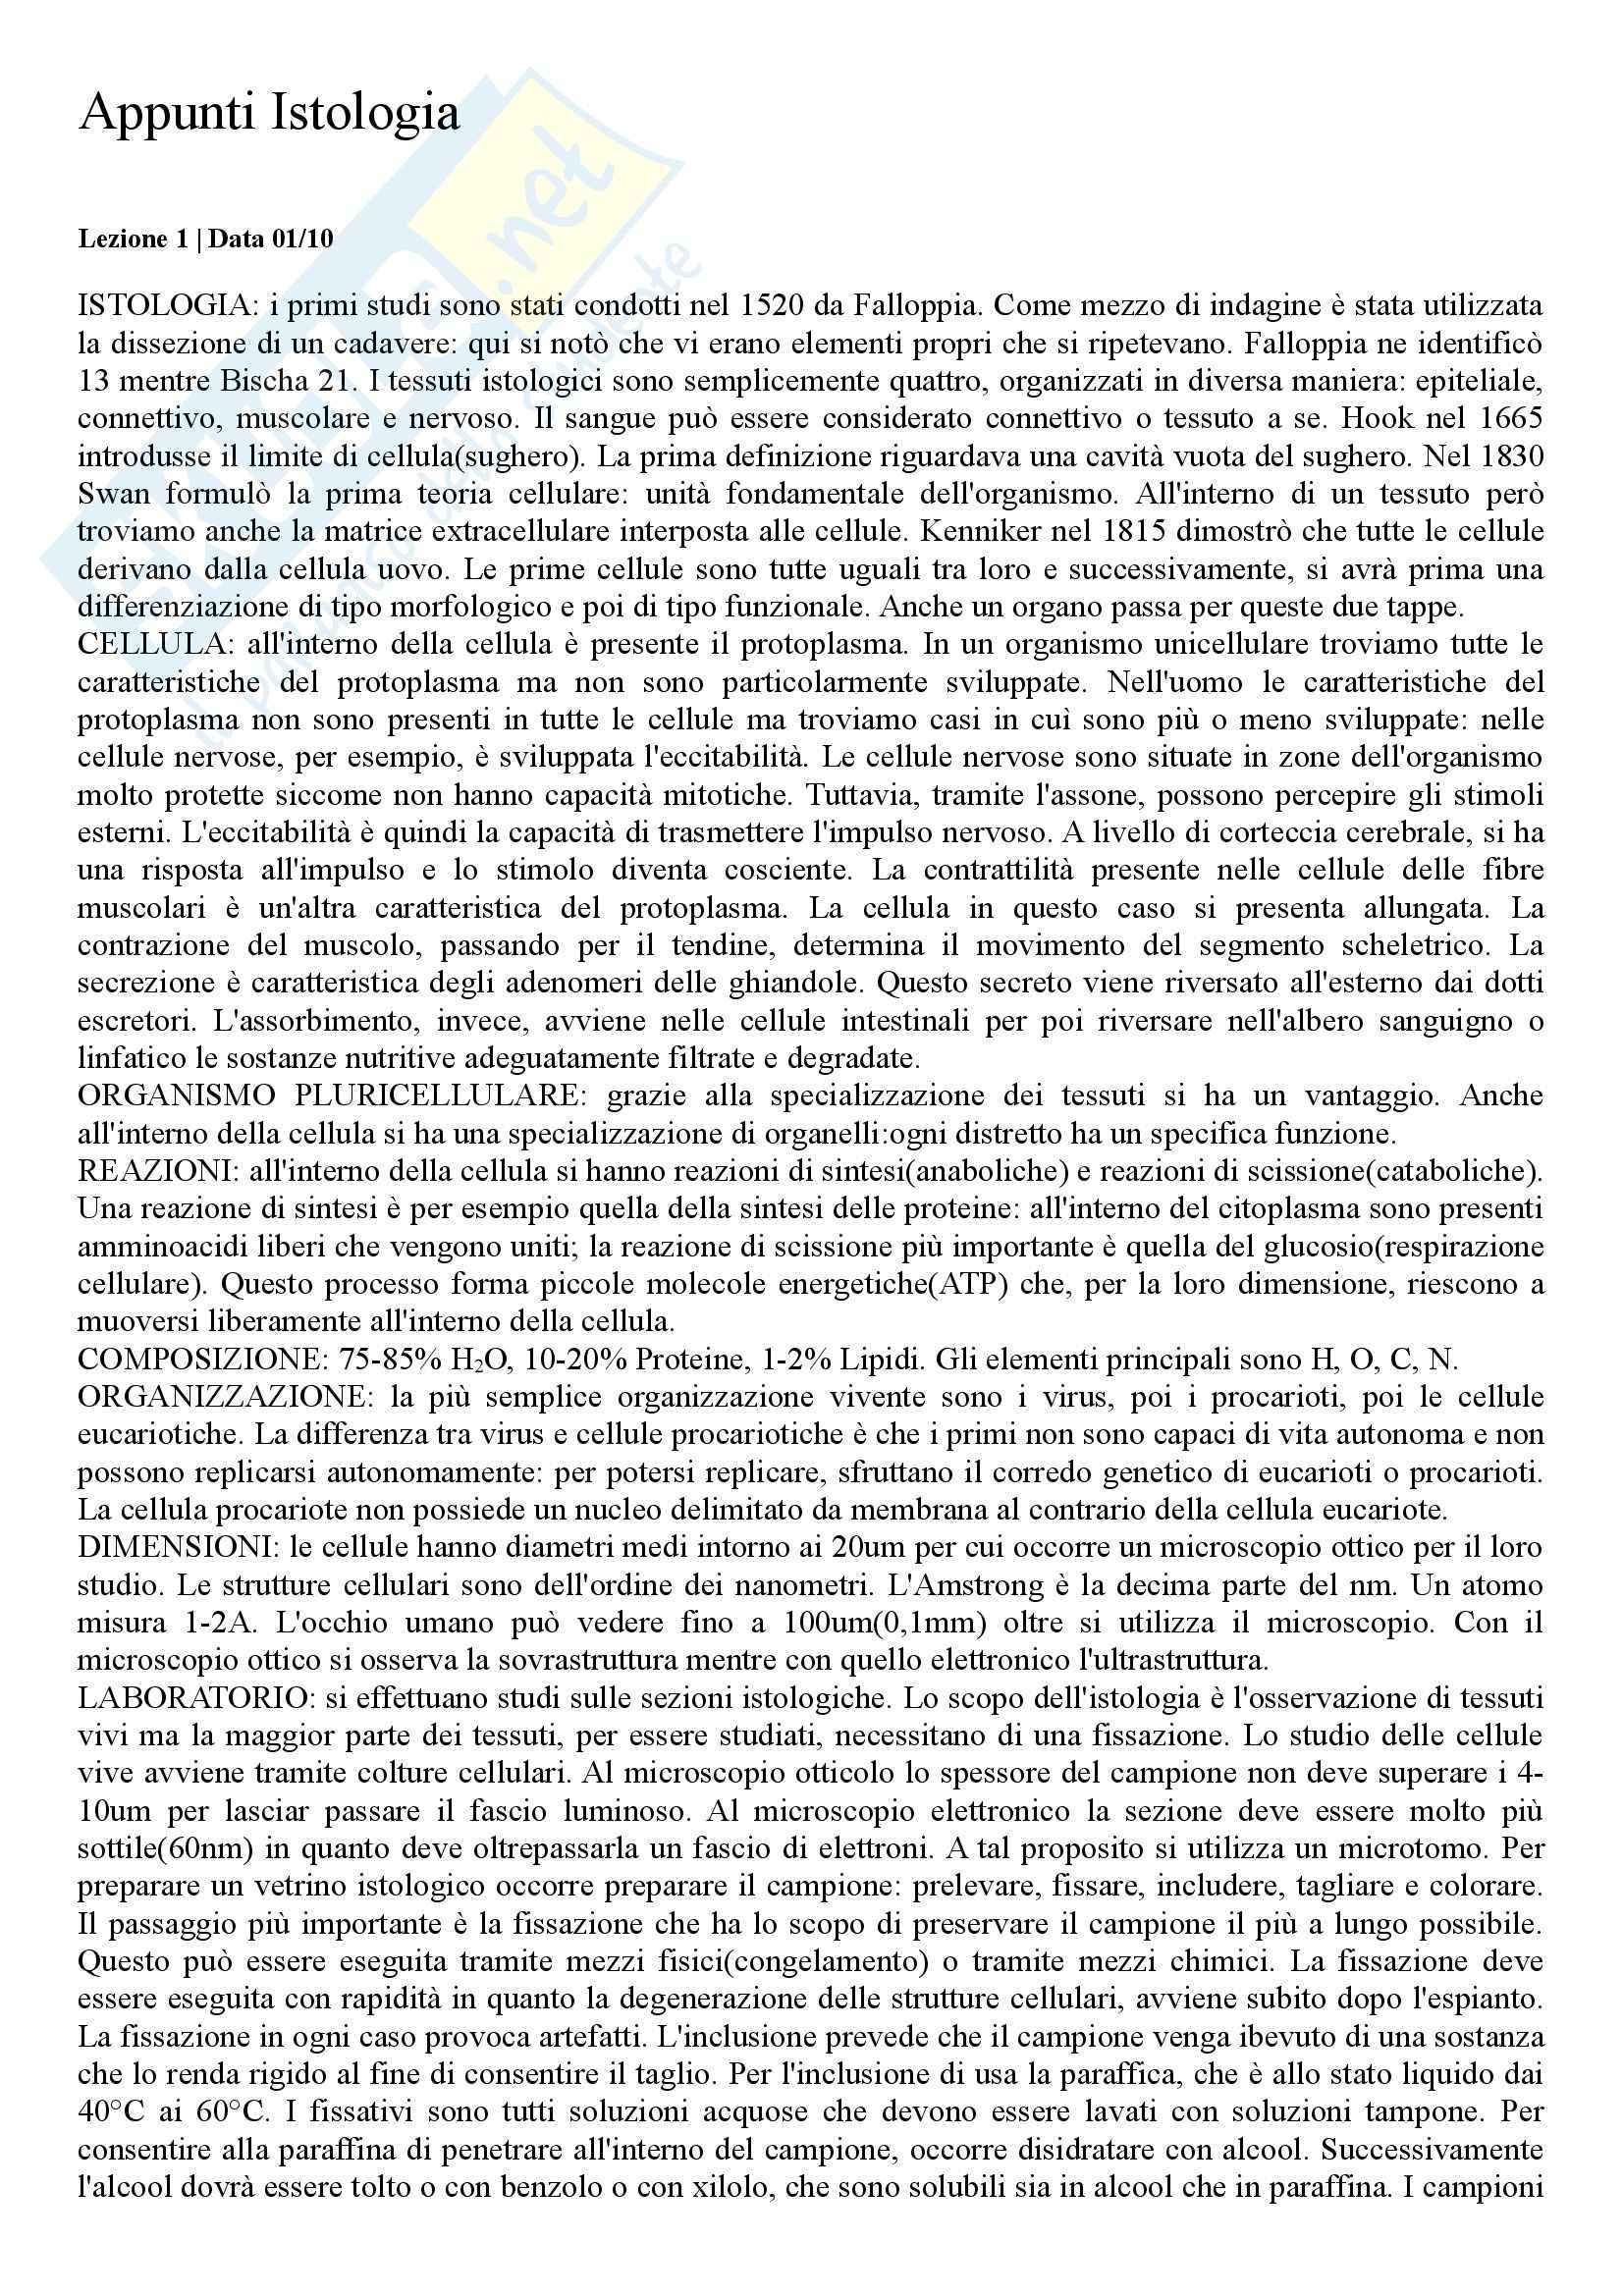 Citologia e Istologia - Appunti